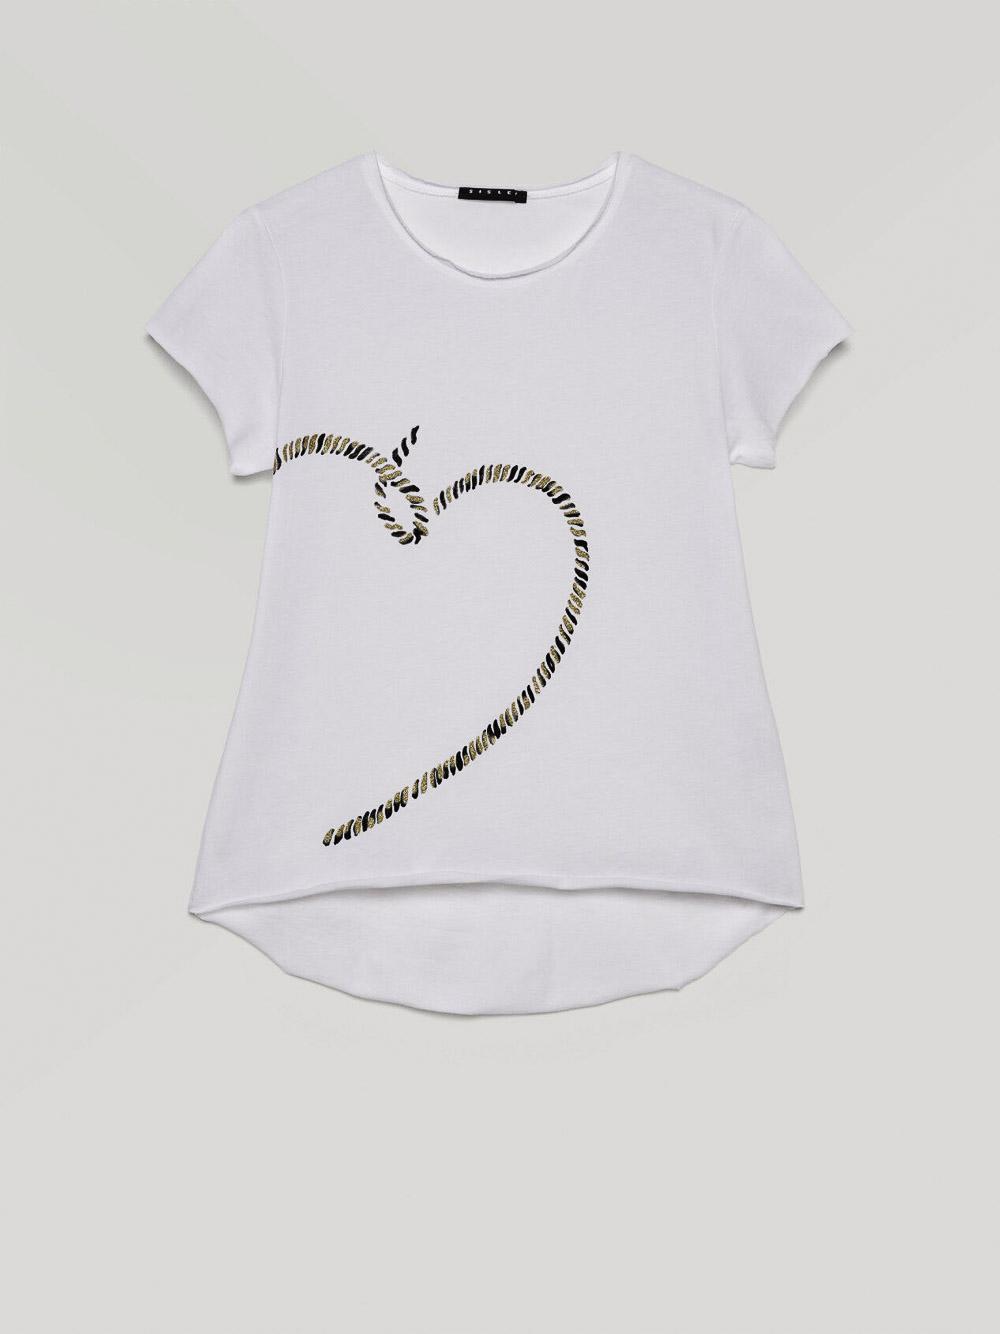 SISLEY YOUNG Μπλούζα t-shirt 3096C159V 21P101